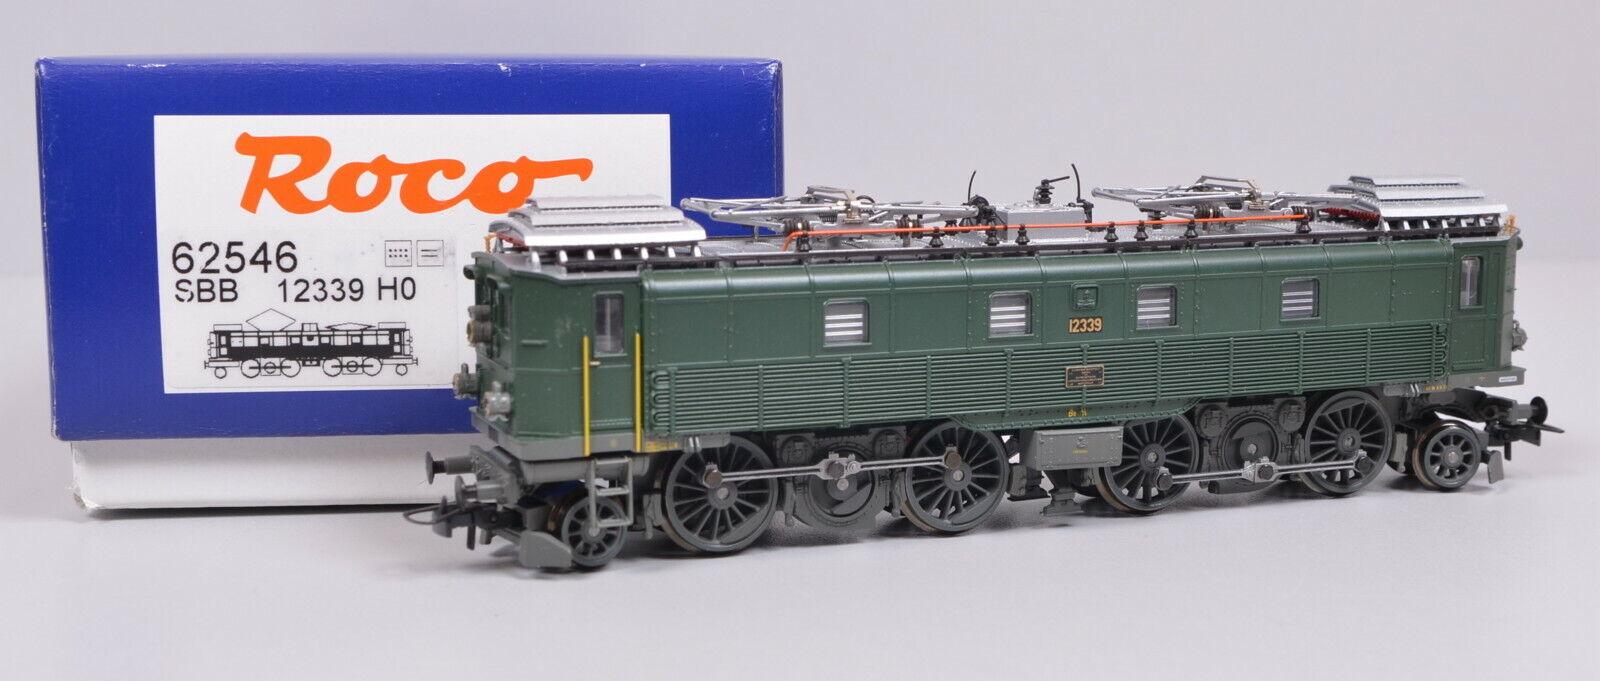 Roco 62546 Locomotora Eléctrica Serie Be 4 6 el SBB   Nuevo No Usado   Emb.orig